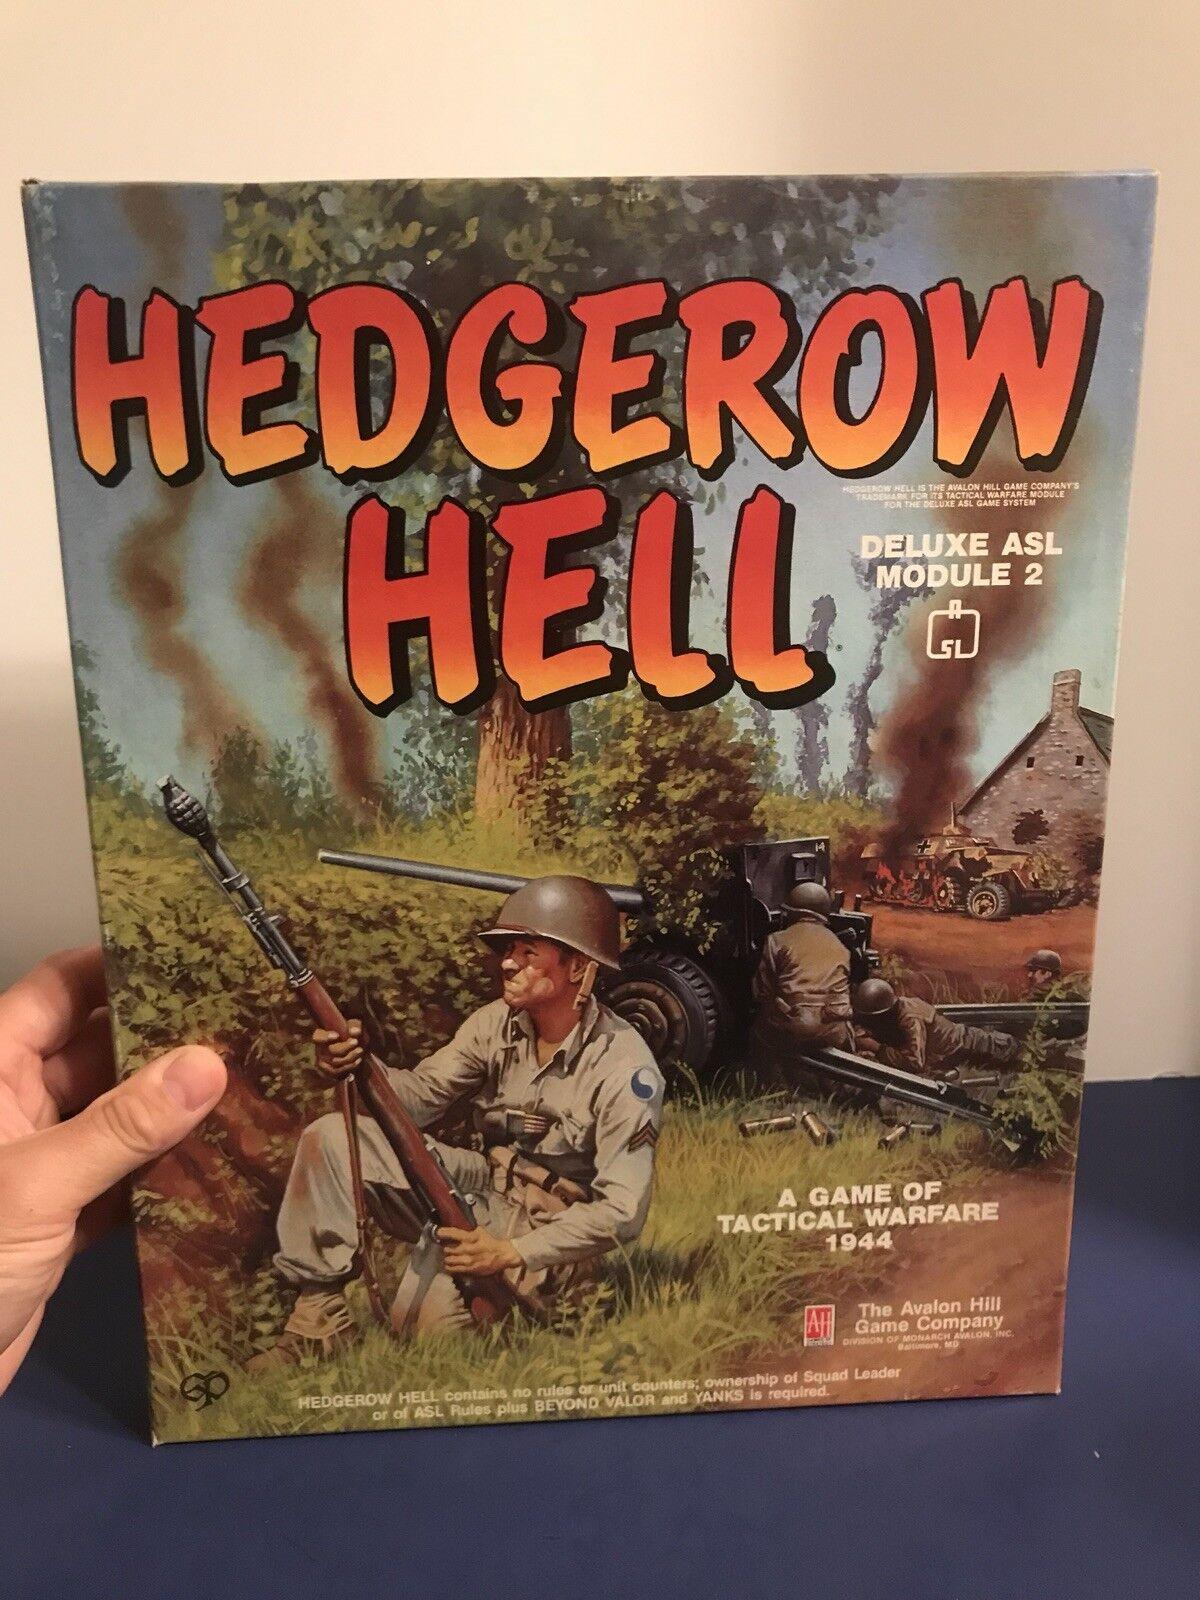 Hedgerow Infierno Deluxe ASL módulo 2 Segunda Guerra Mundial Juego De Guerra Táctica-Avalon Hill-casi Nuevo